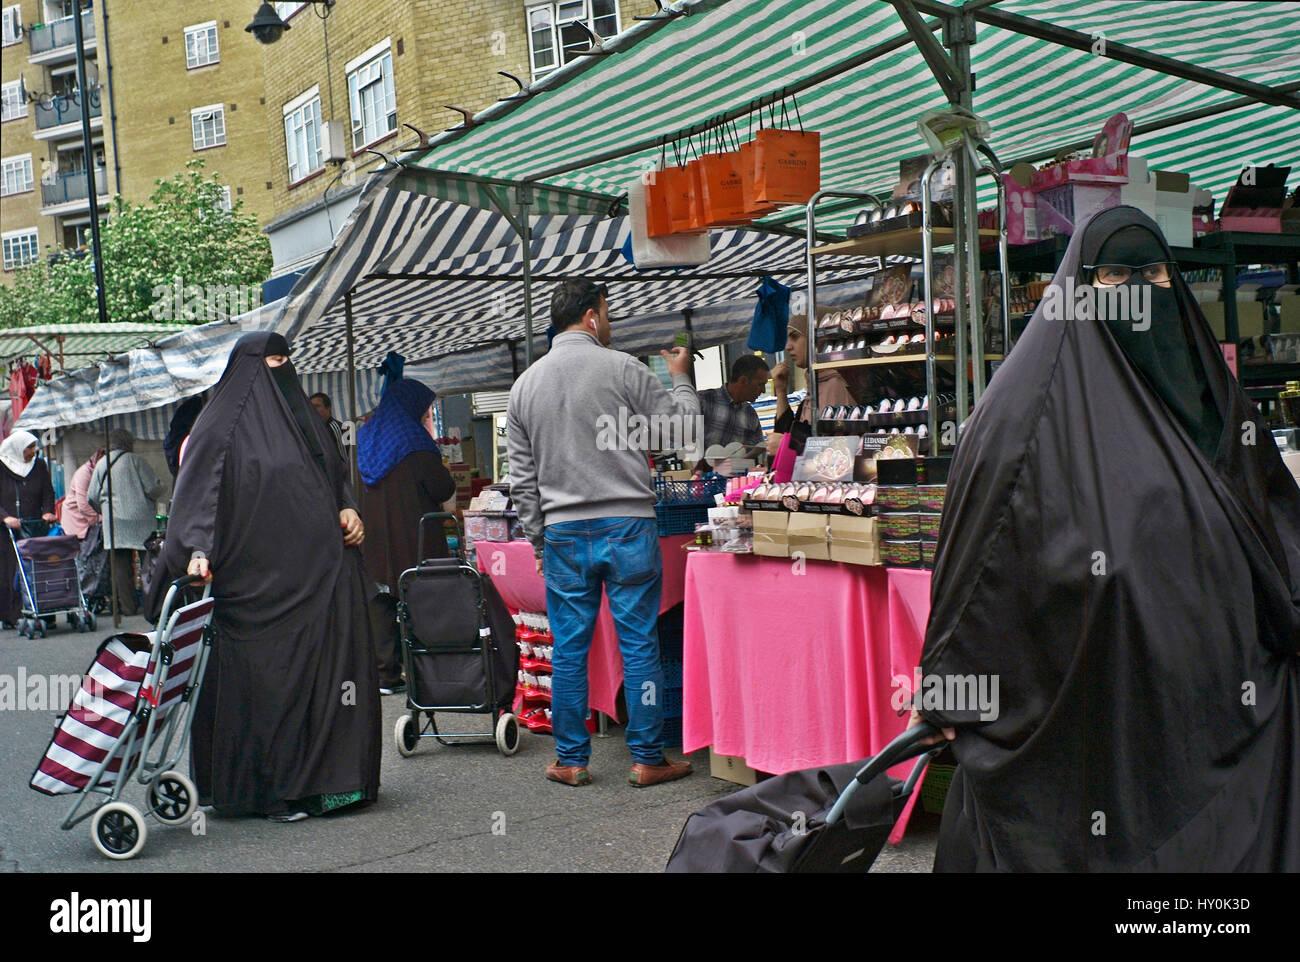 Muslim women in burkas shopping in london market - Stock Image